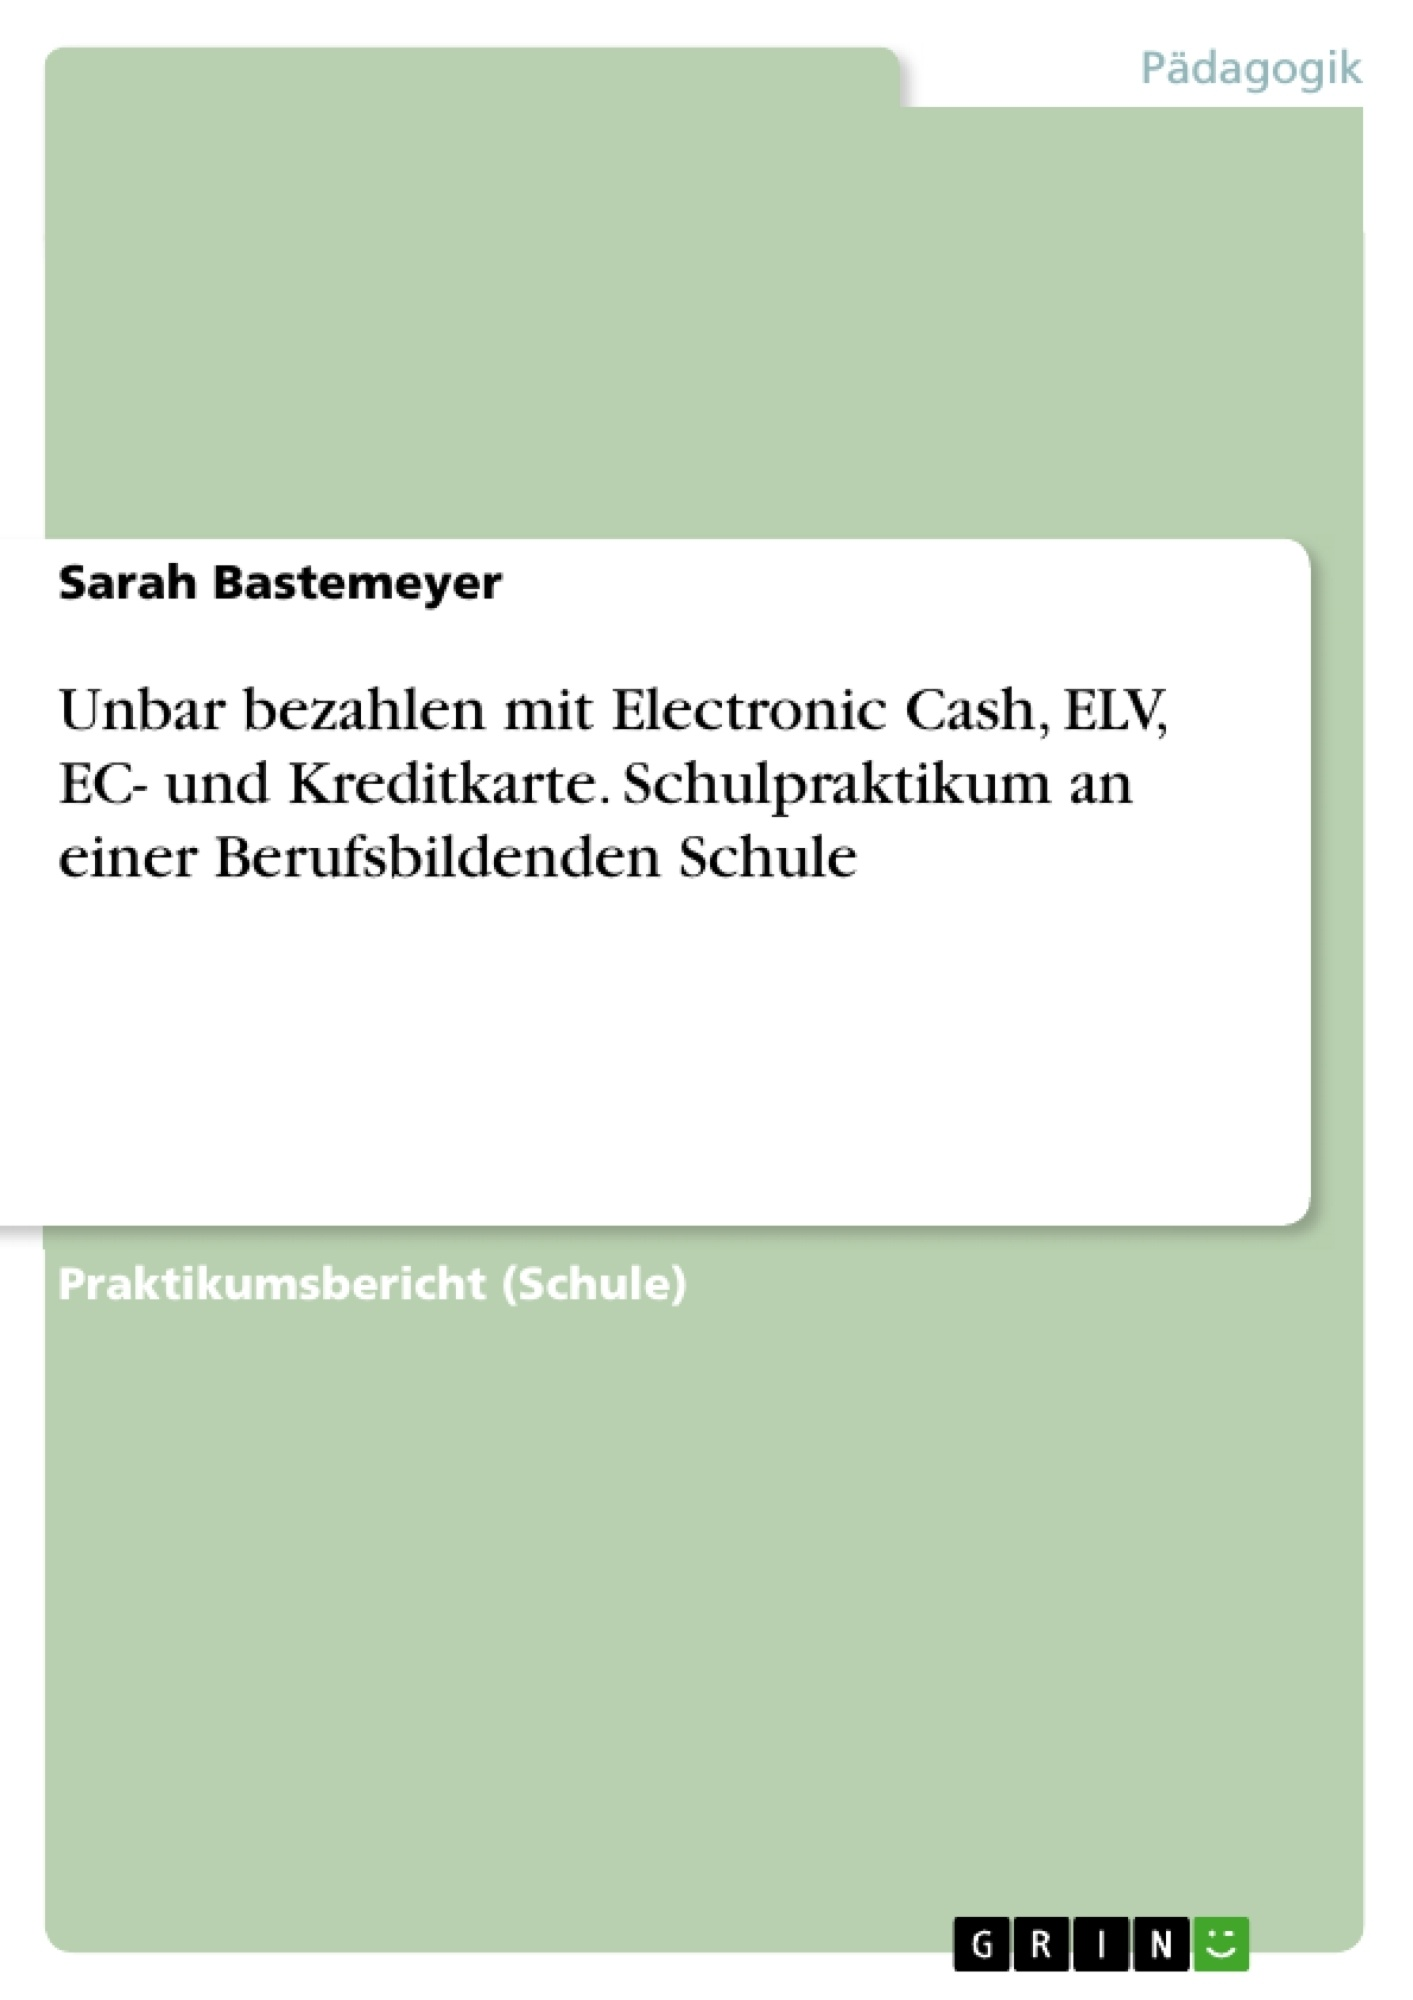 Titel: Unbar bezahlen mit Electronic Cash, ELV, EC- und Kreditkarte. Schulpraktikum an einer Berufsbildenden Schule